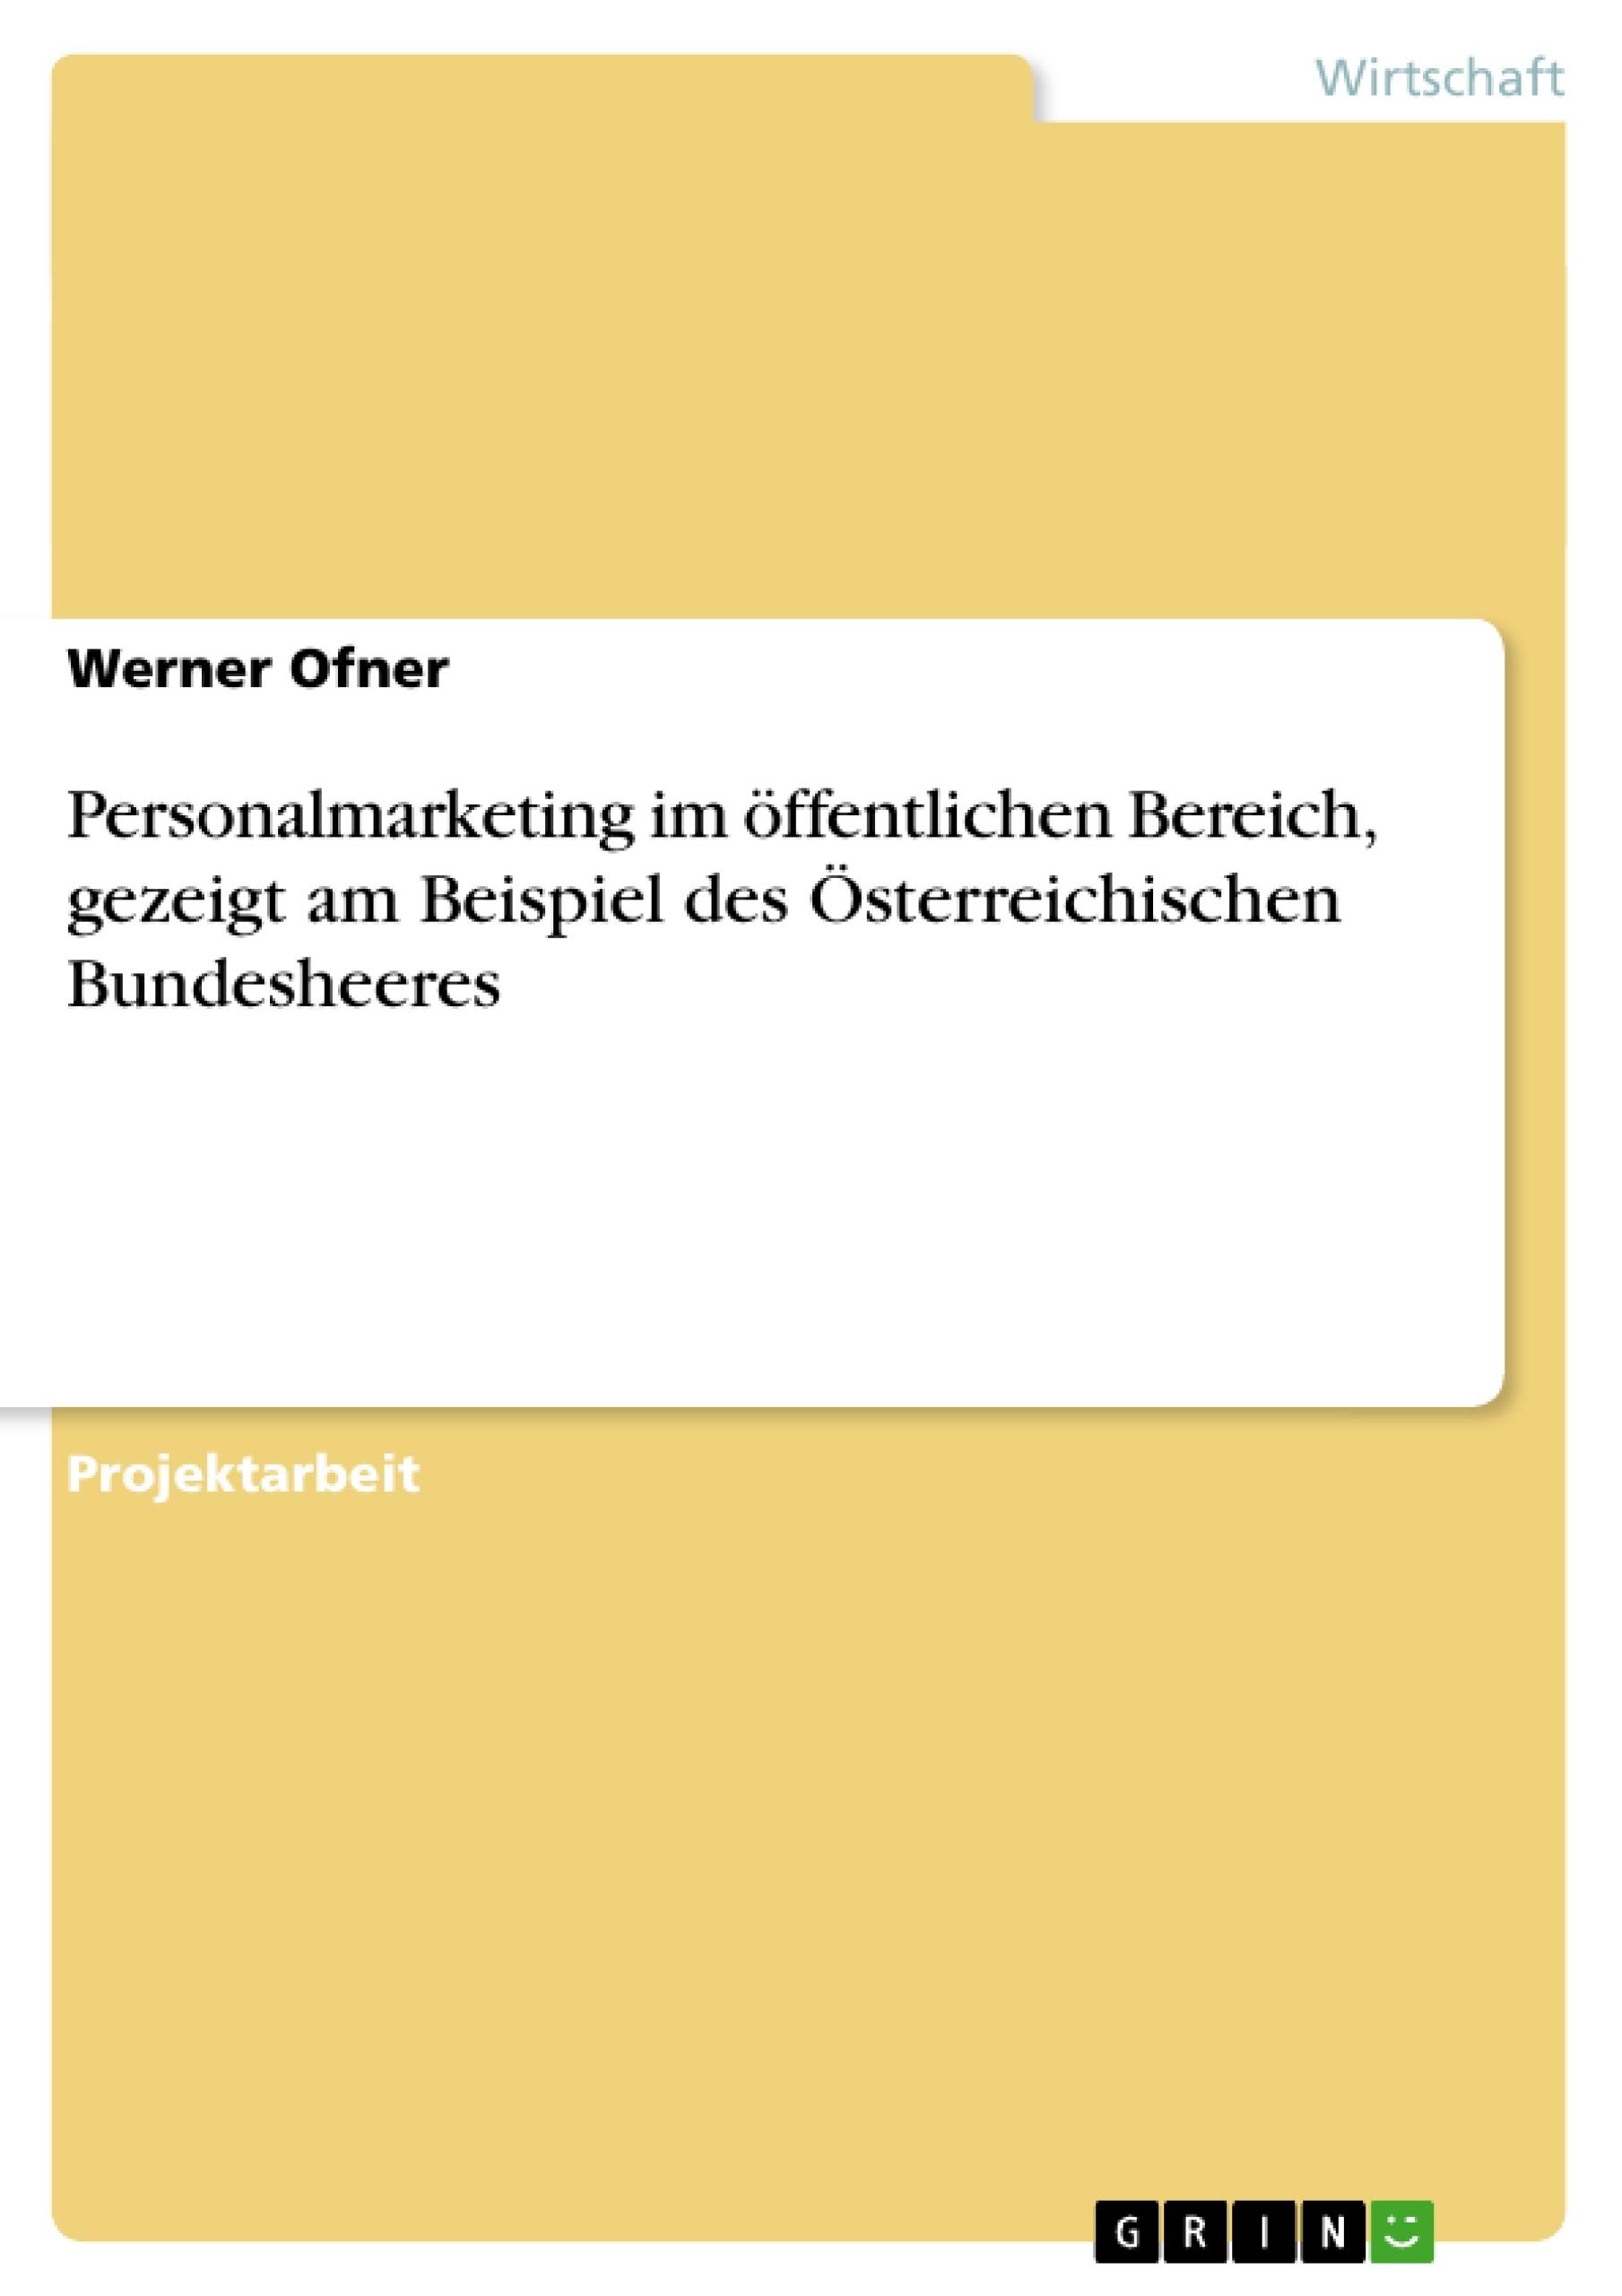 Titel: Personalmarketing im öffentlichen Bereich, gezeigt am Beispiel des Österreichischen Bundesheeres